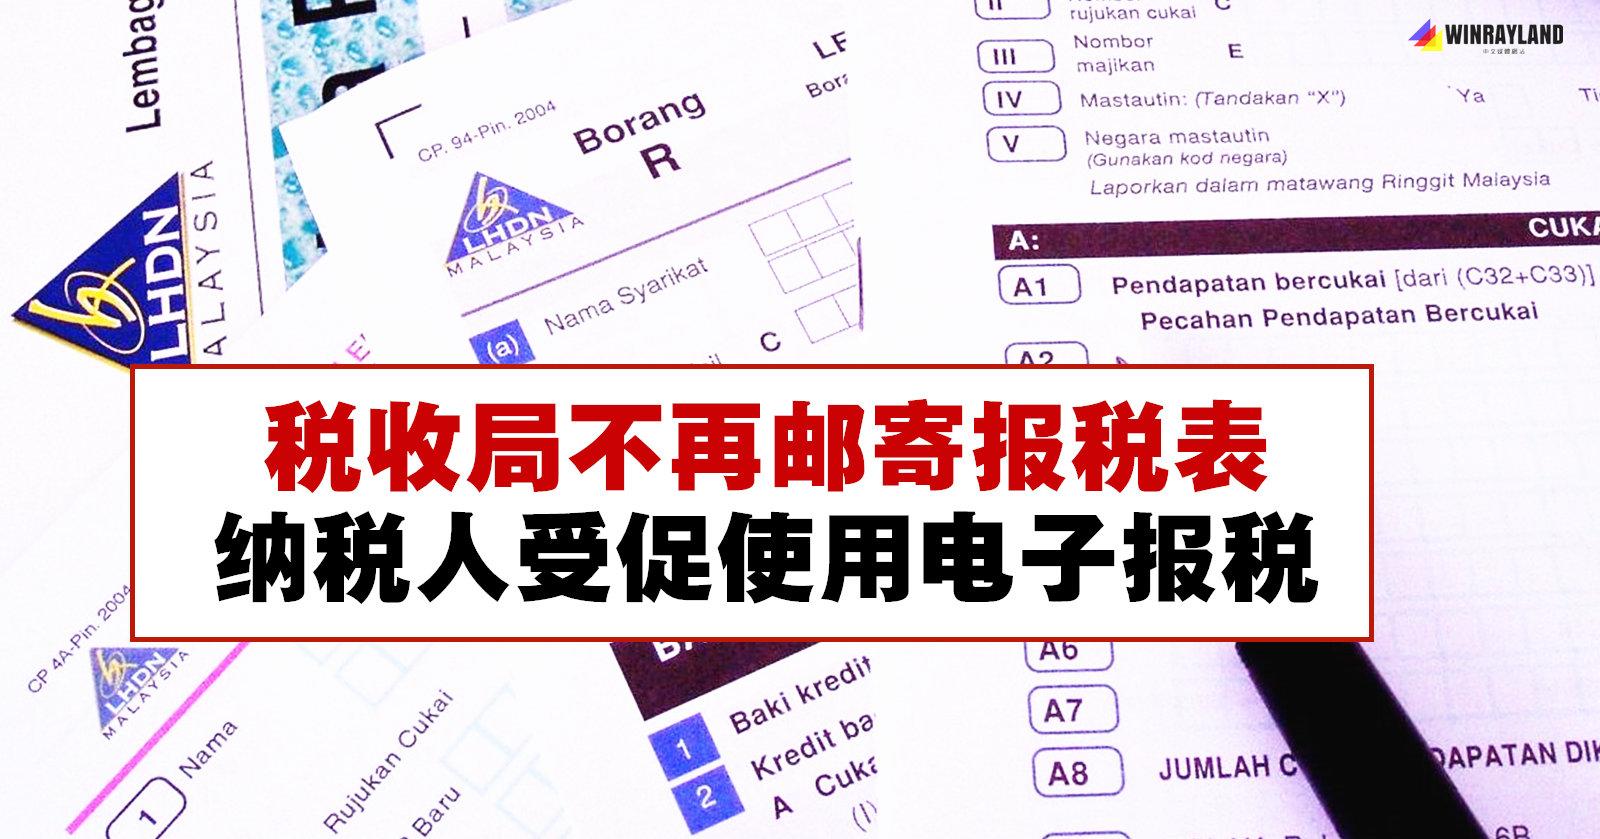 税收局不再邮寄报税表,纳税人受促使用电子报税